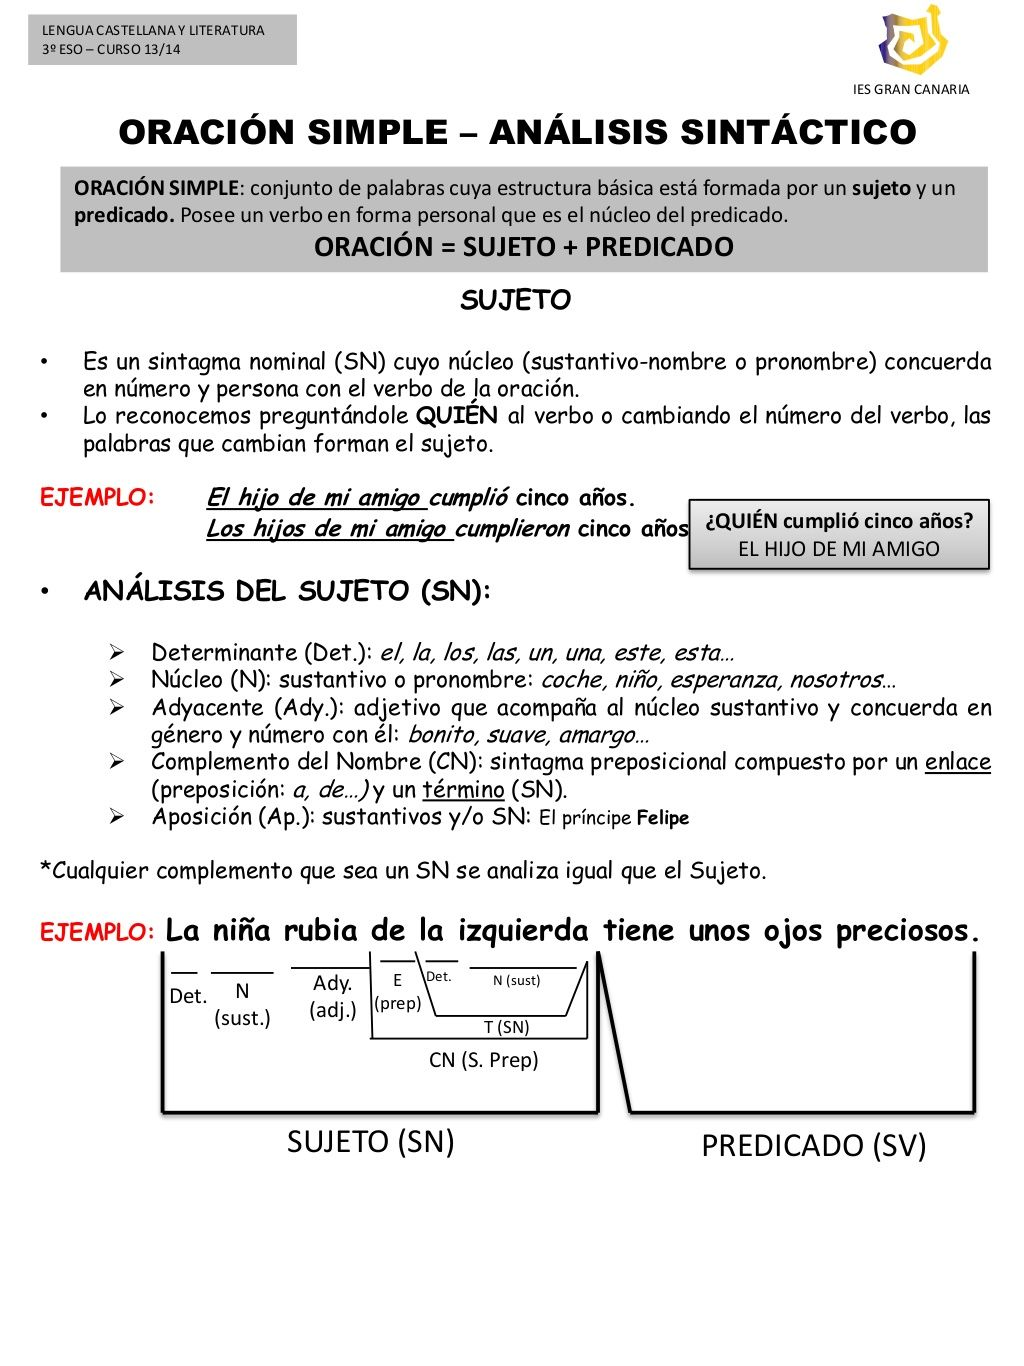 42 Ideas De Sintaxis Sintaxis Gramática Española Apuntes De Lengua